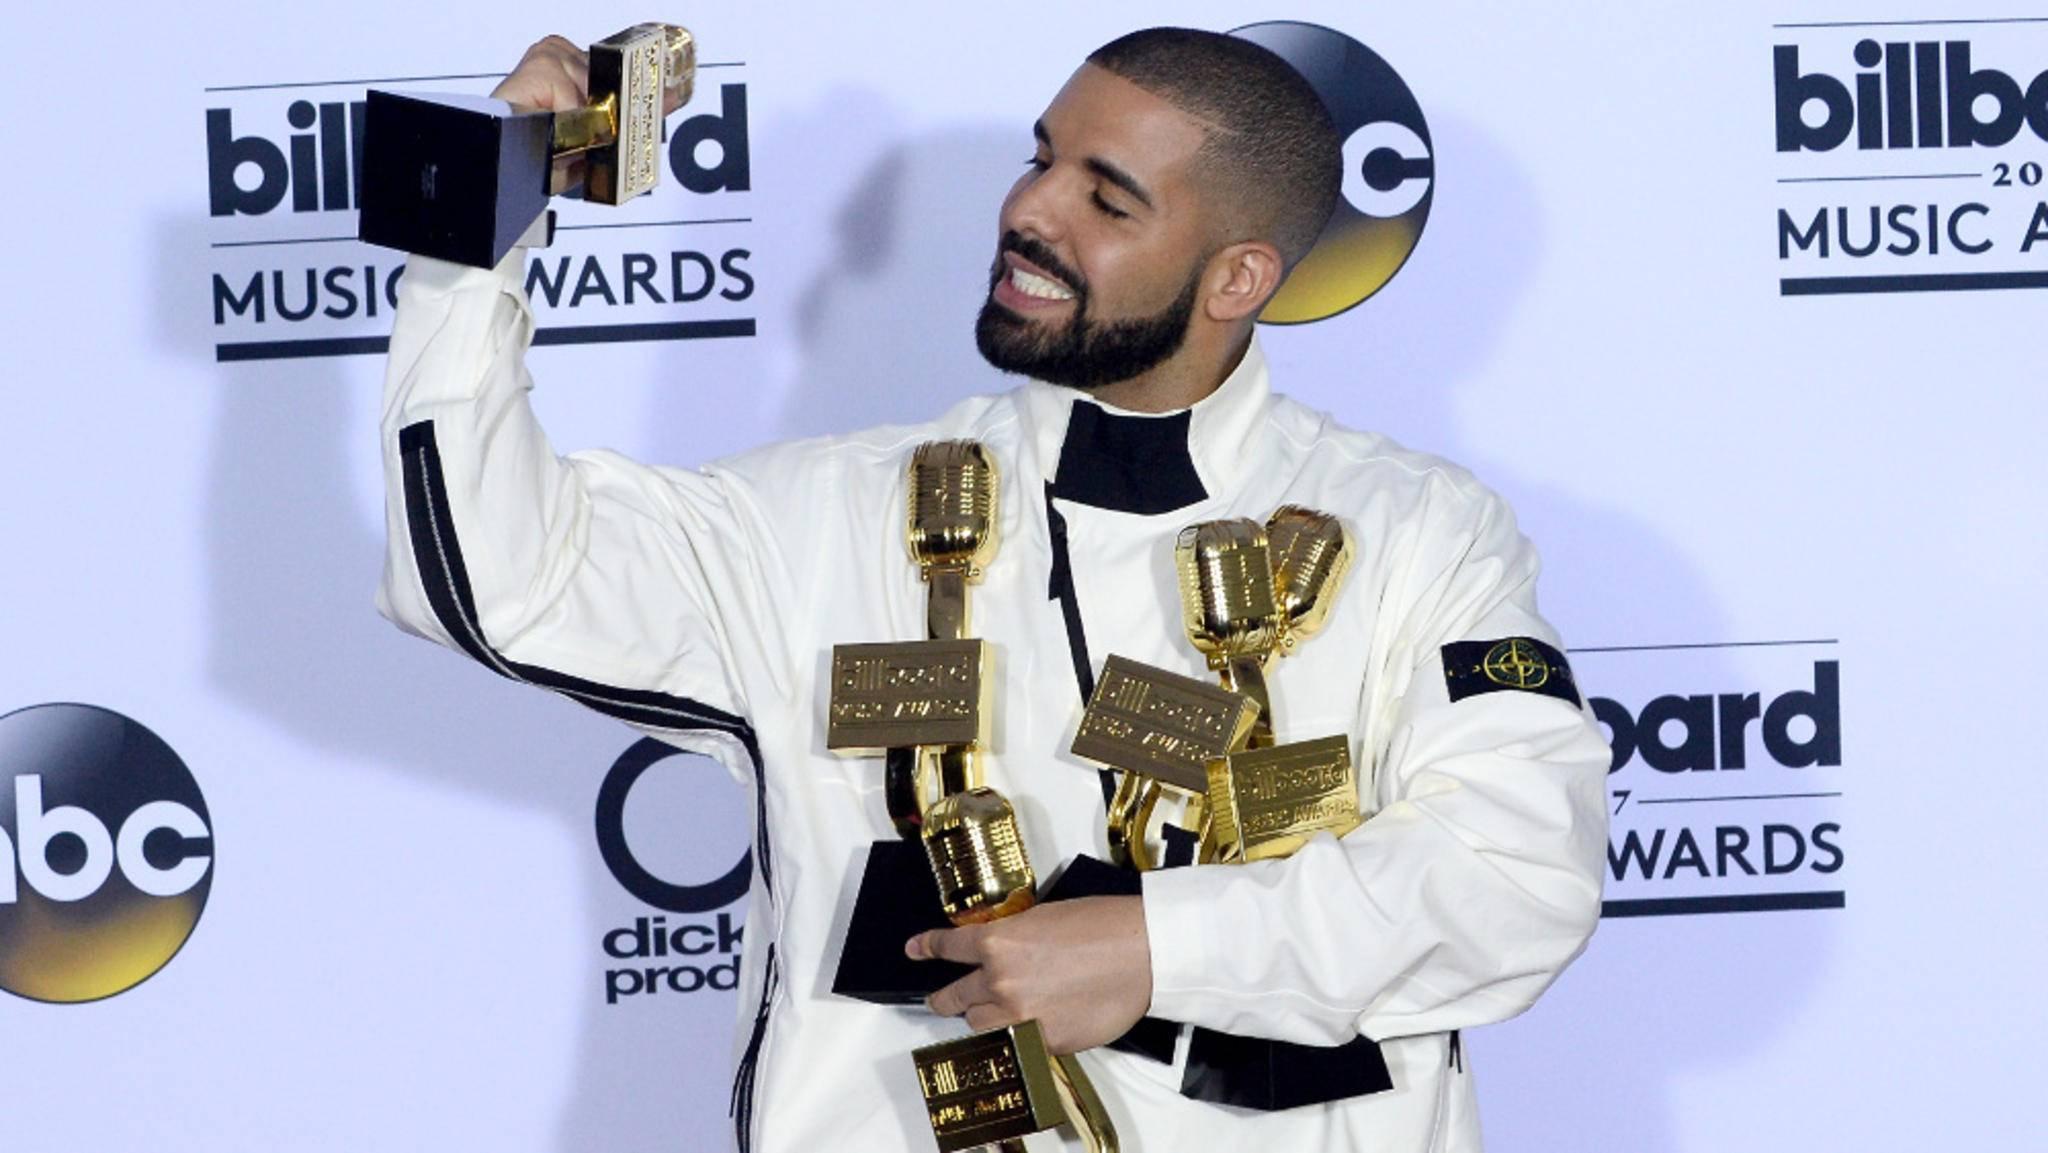 Alle Hände voll: Rapper Drake mit einem Teil seiner Ausbeute bei den Billboard Music Awards 2017.